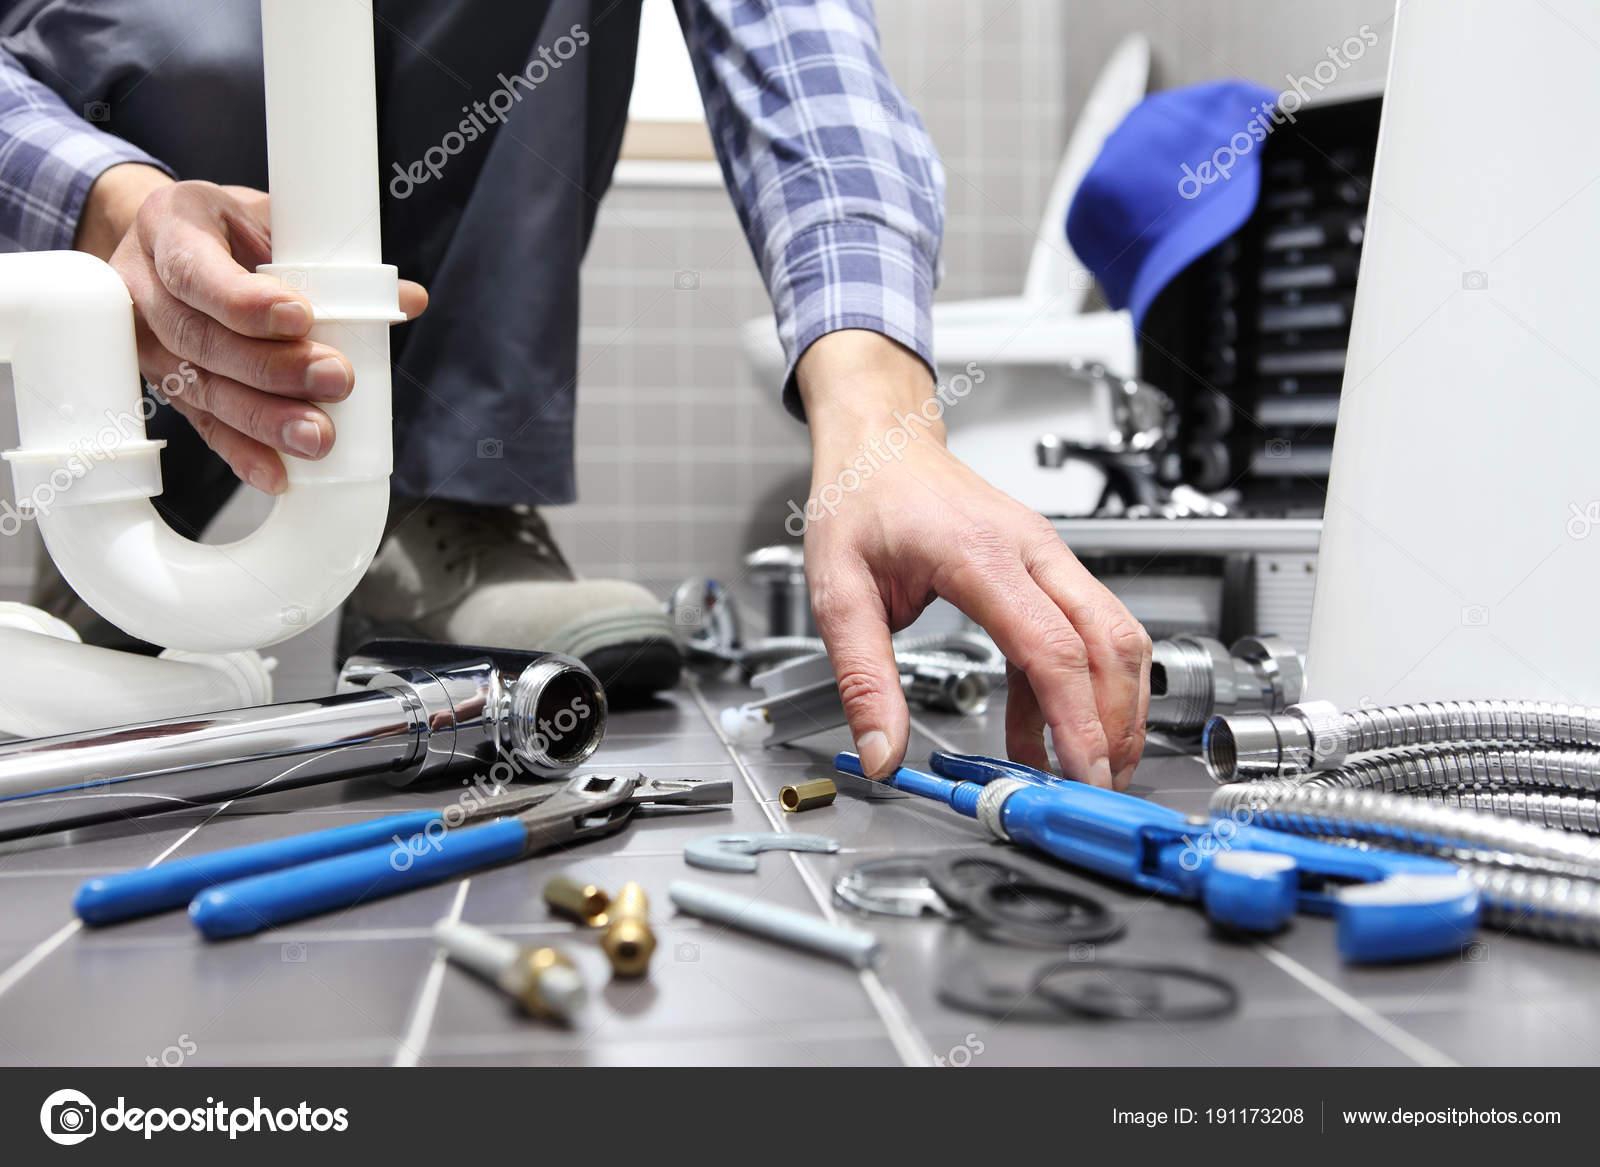 klempner bei der arbeit in einem badezimmer sanitär-reparatur